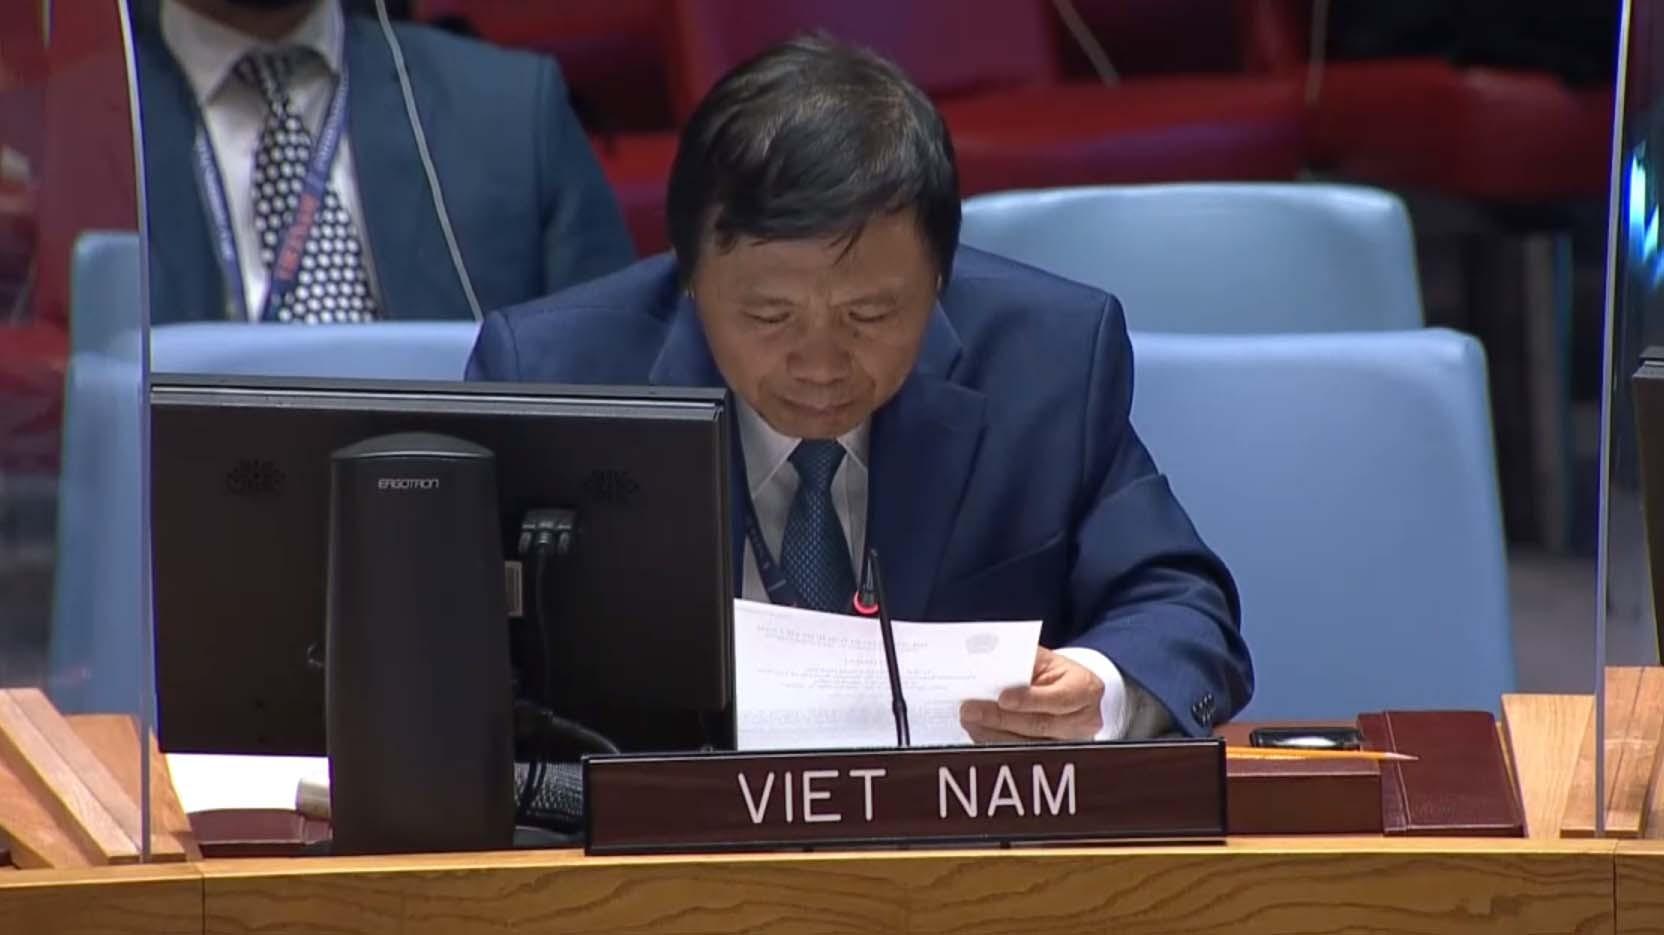 Đại sứ Đặng Đình Quý, Trưởng Phái đoàn thường trực Việt Nam tại LHQ phát biểu tại cuộc họp